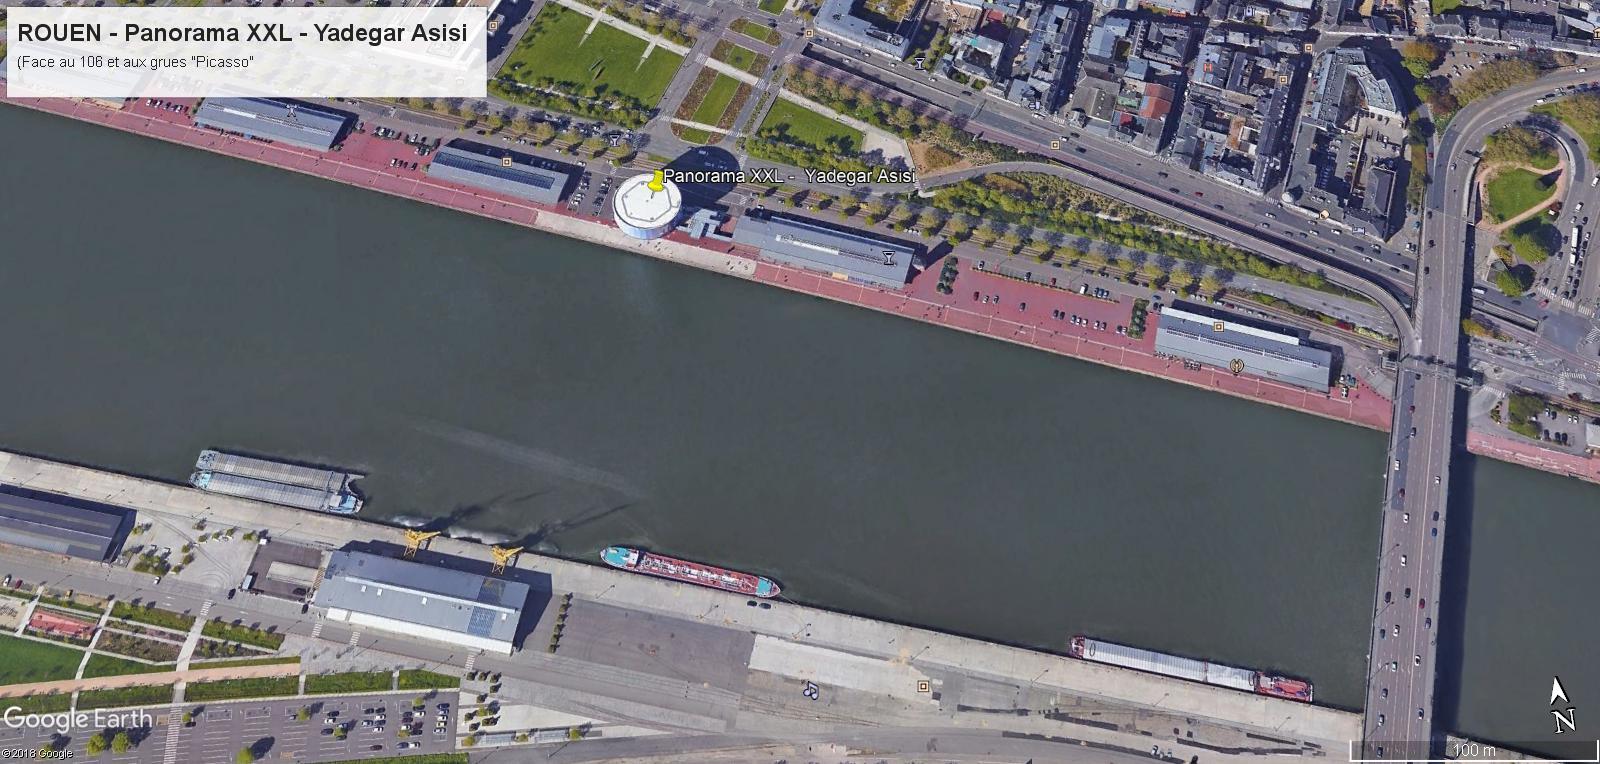 [Enfin visible sur Google Earth] - Future Rotonde Rouen Xxl10